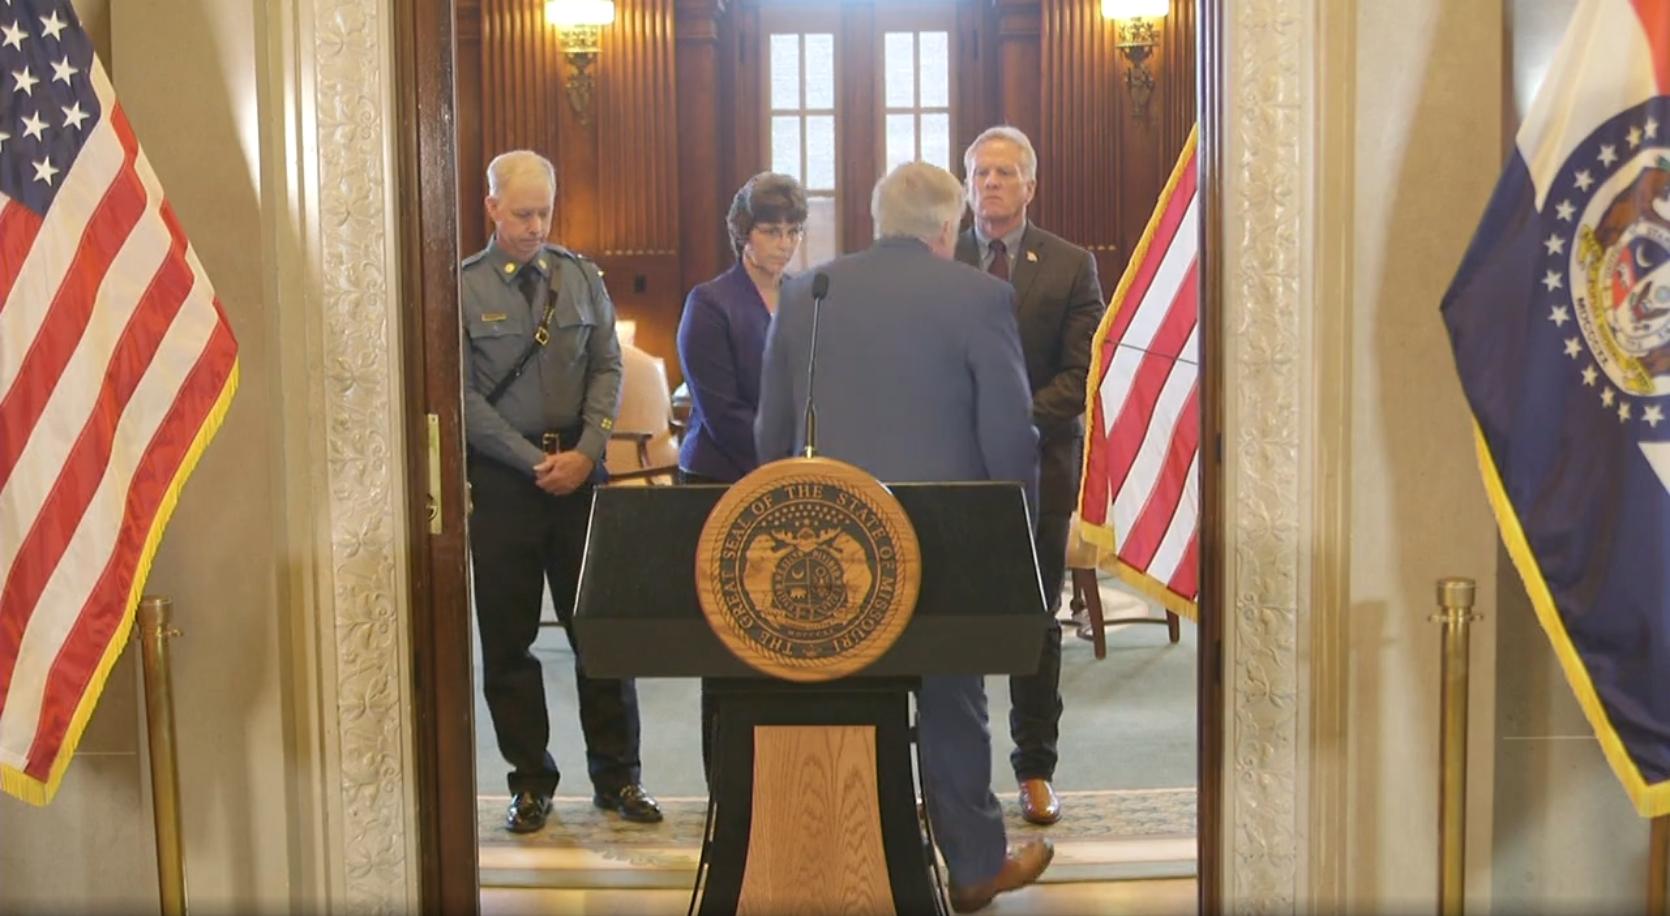 מושל מיזורי מייק פרסון בסיום ההצהרה לעיתונות על ההאקר המסוכן ג'וש רנו